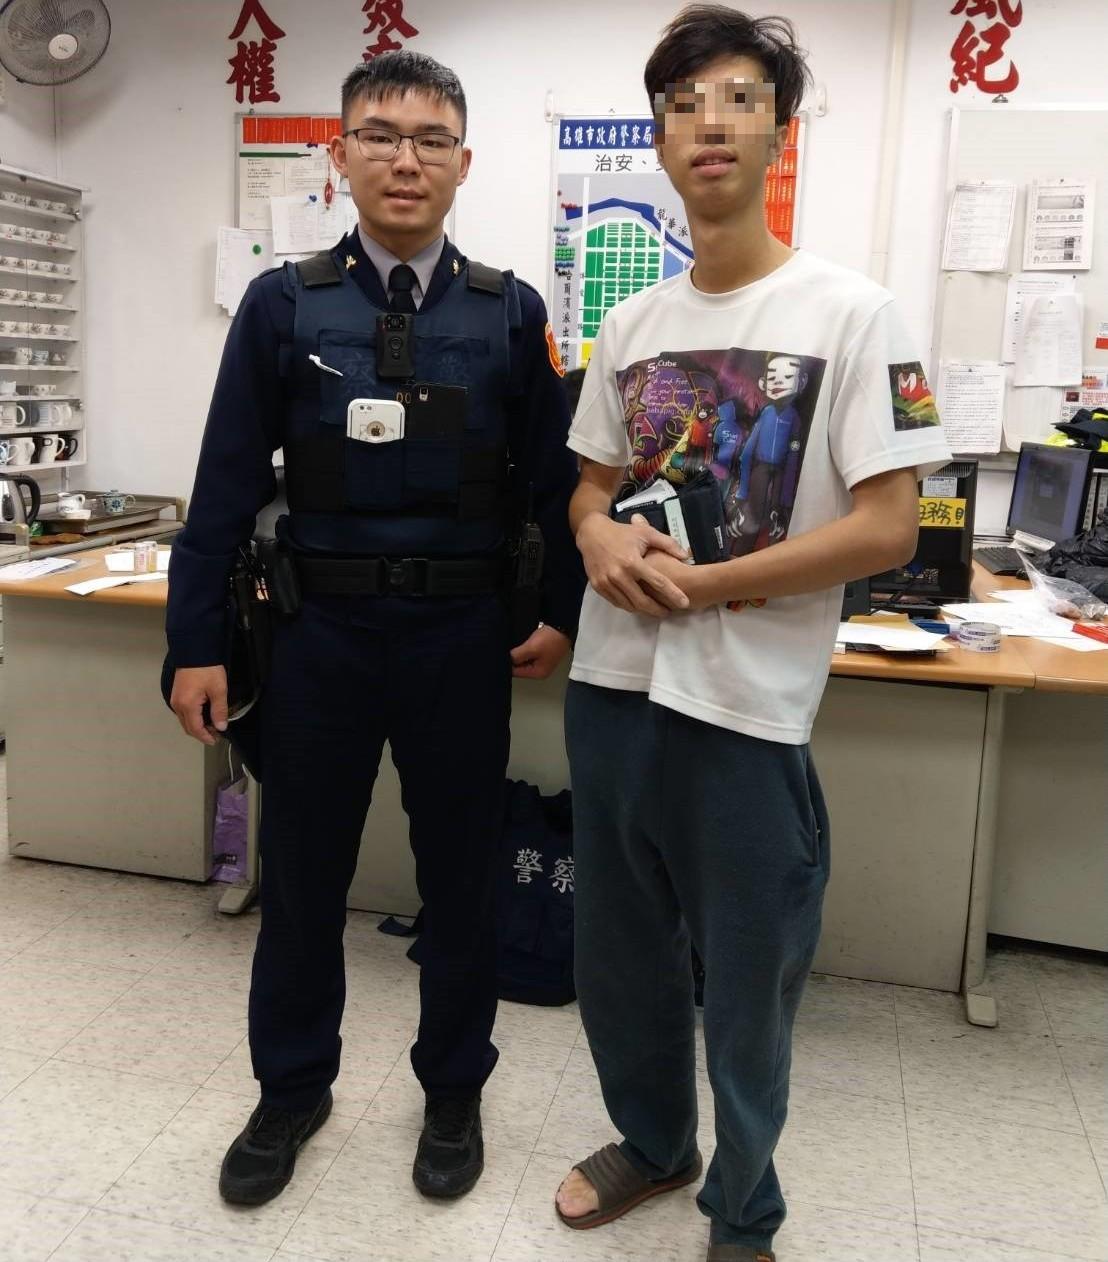 警員張家豪(左)熱心協助吳姓失主找回遺失錢包及證件,吳相當感謝張的幫忙。記者黃宣...